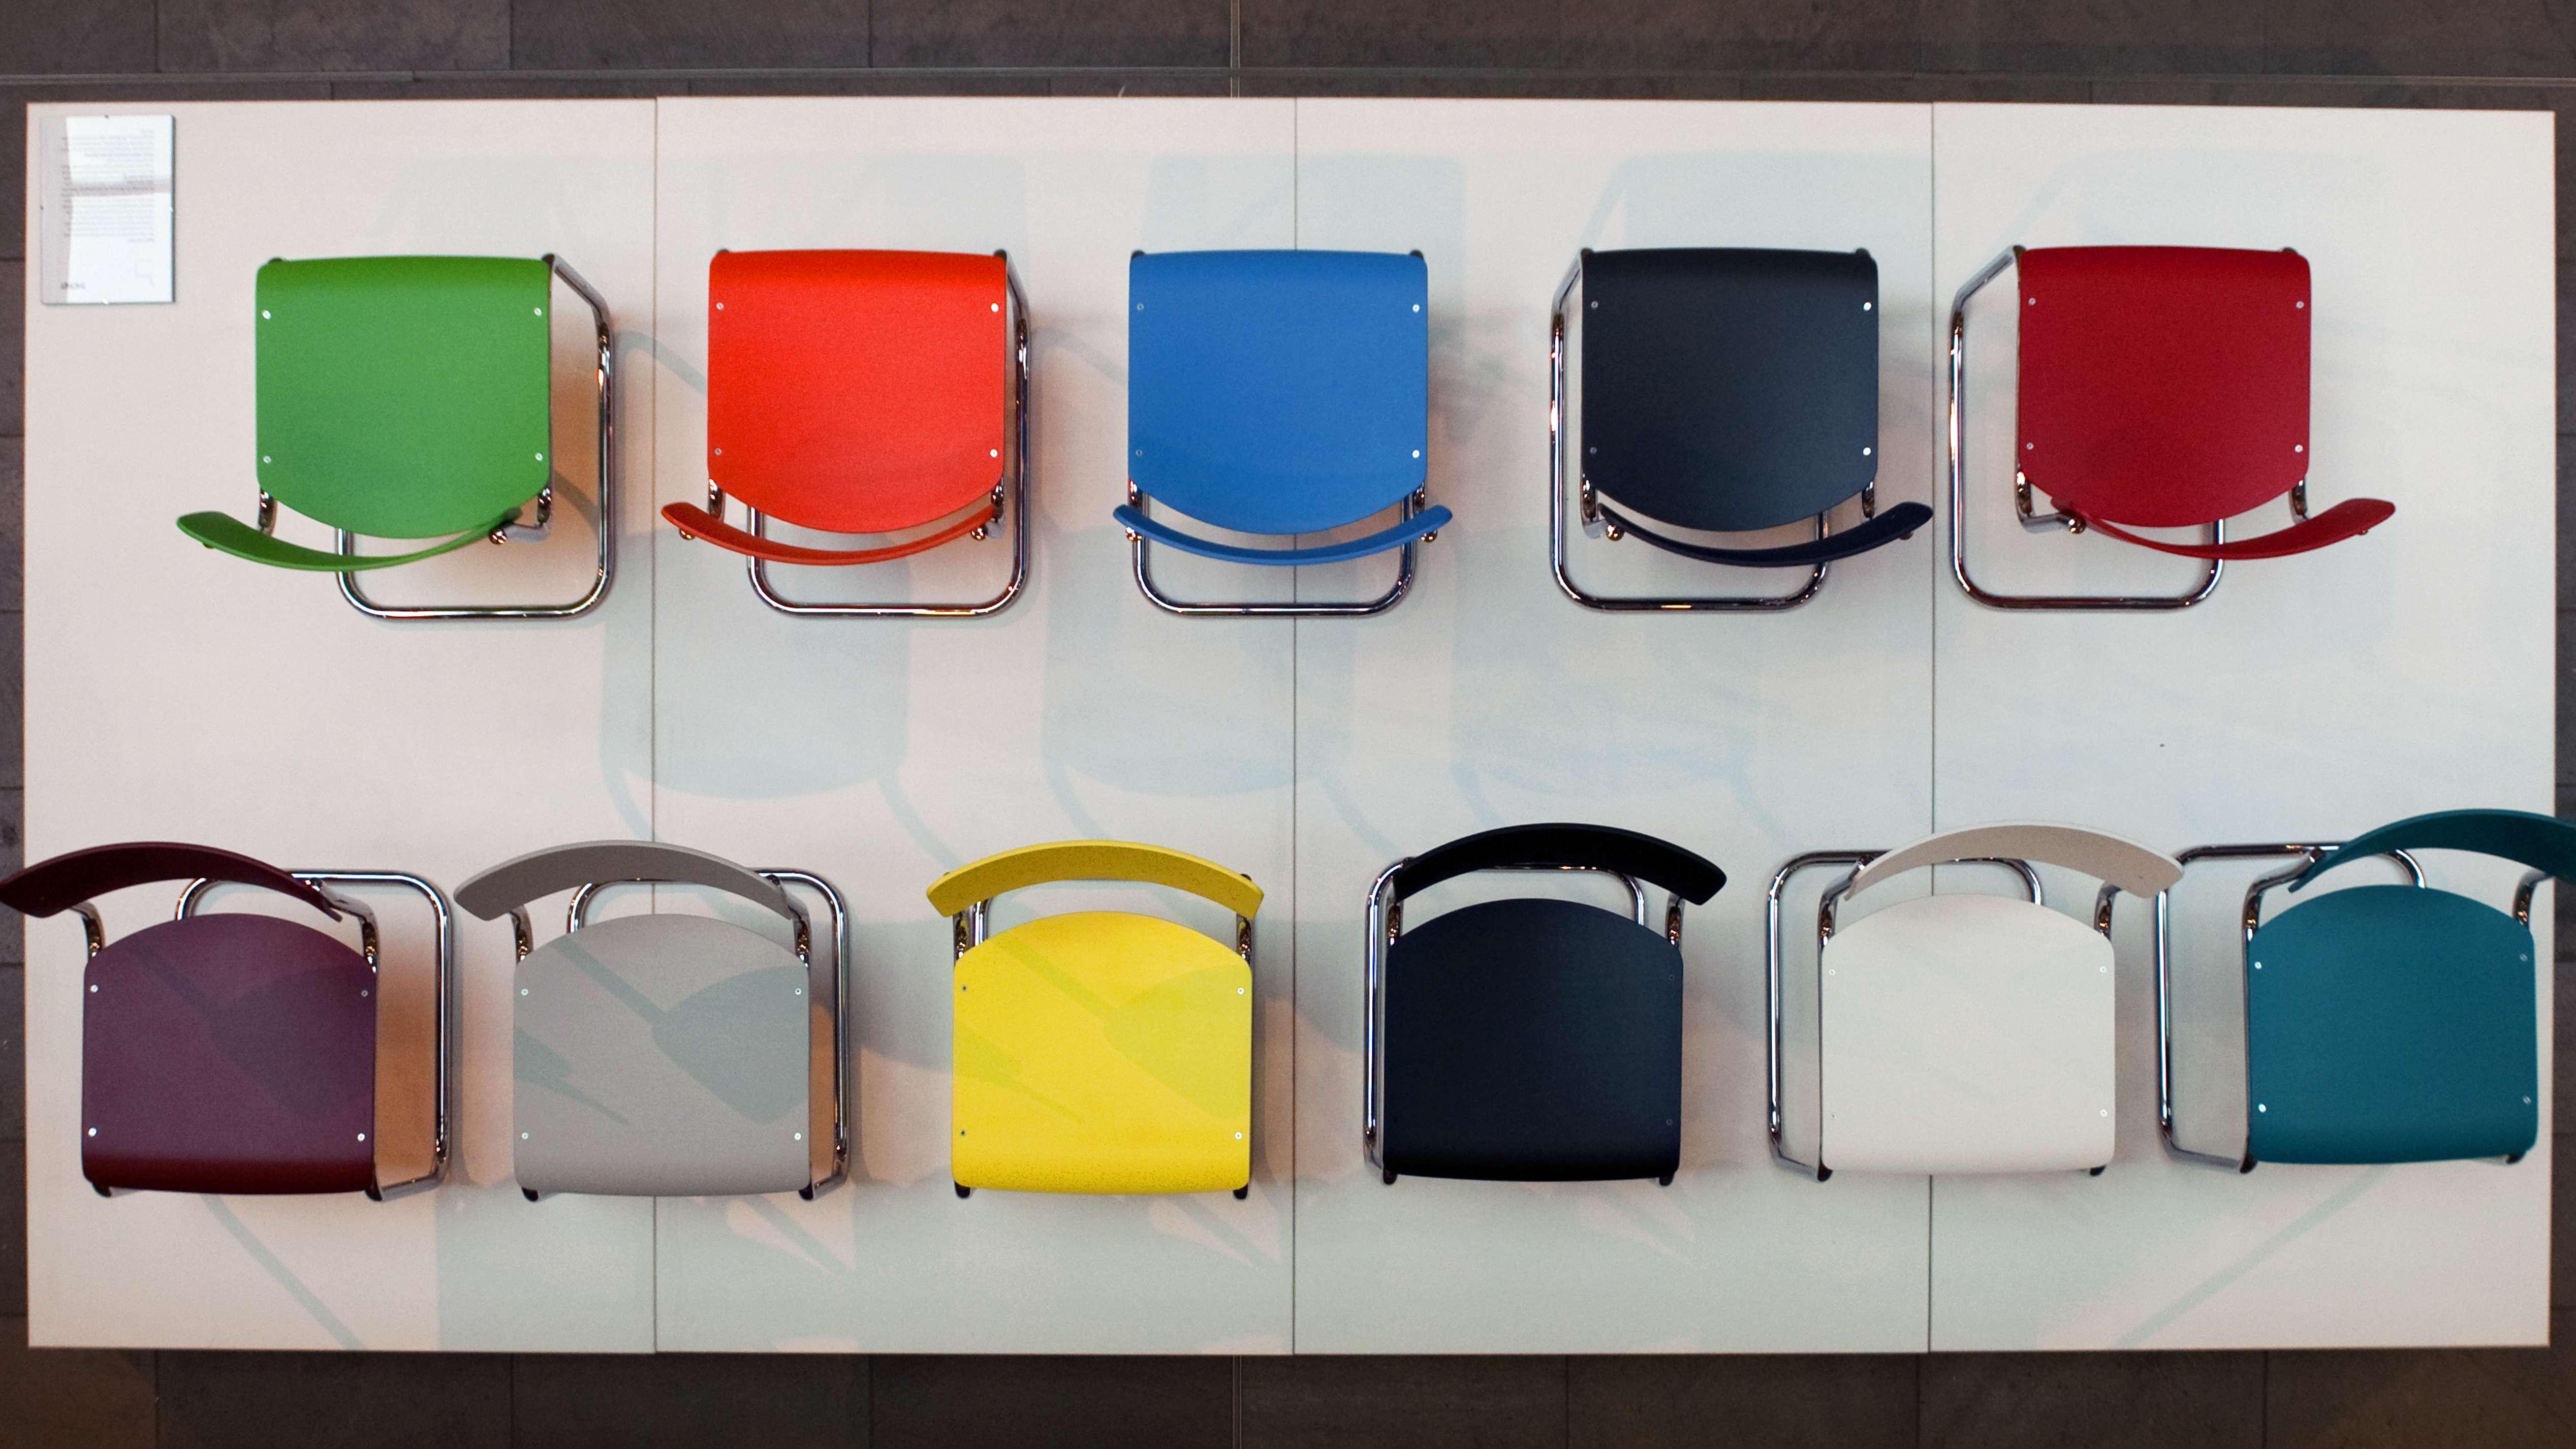 Das ist der Thonet Stahlrohrmöbel Klassiker in allen Farben. Es handelt sich um das Model S43 von Bauhauskünstler Mart Stam.